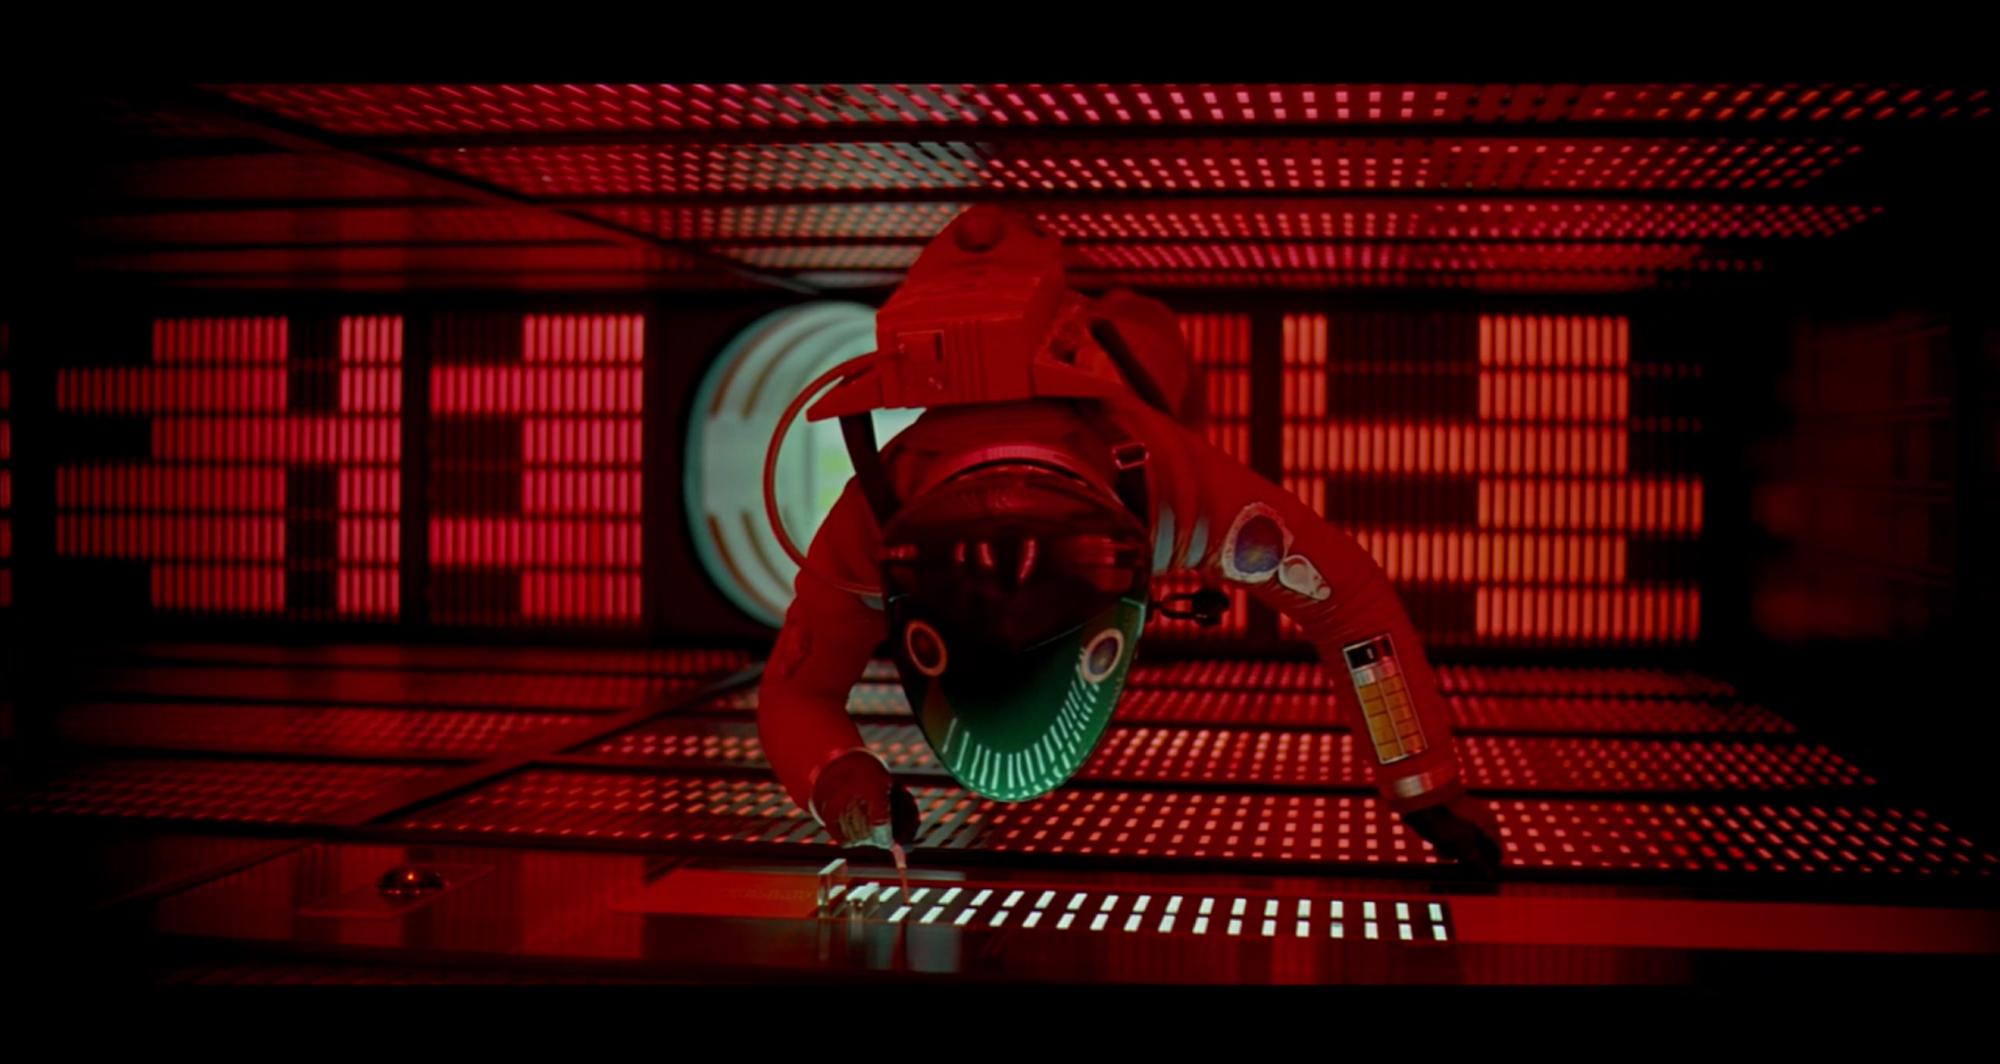 HAL 9000 (en bas de l'image) dans 2001 : L'Odyssée de l'espace